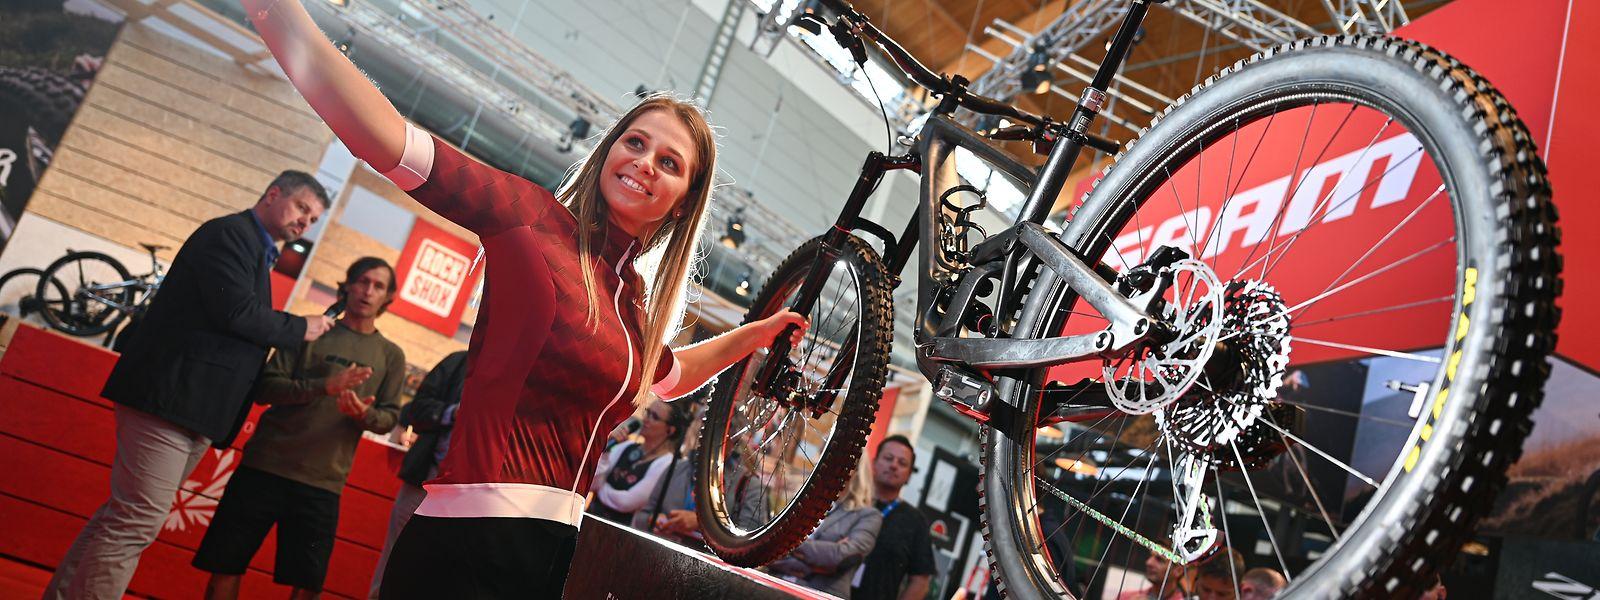 Ein ausgestelltes Mountainbike, das mit der AXS-Technologie des Komponenten-Herstellers Sram ausgestattet ist.